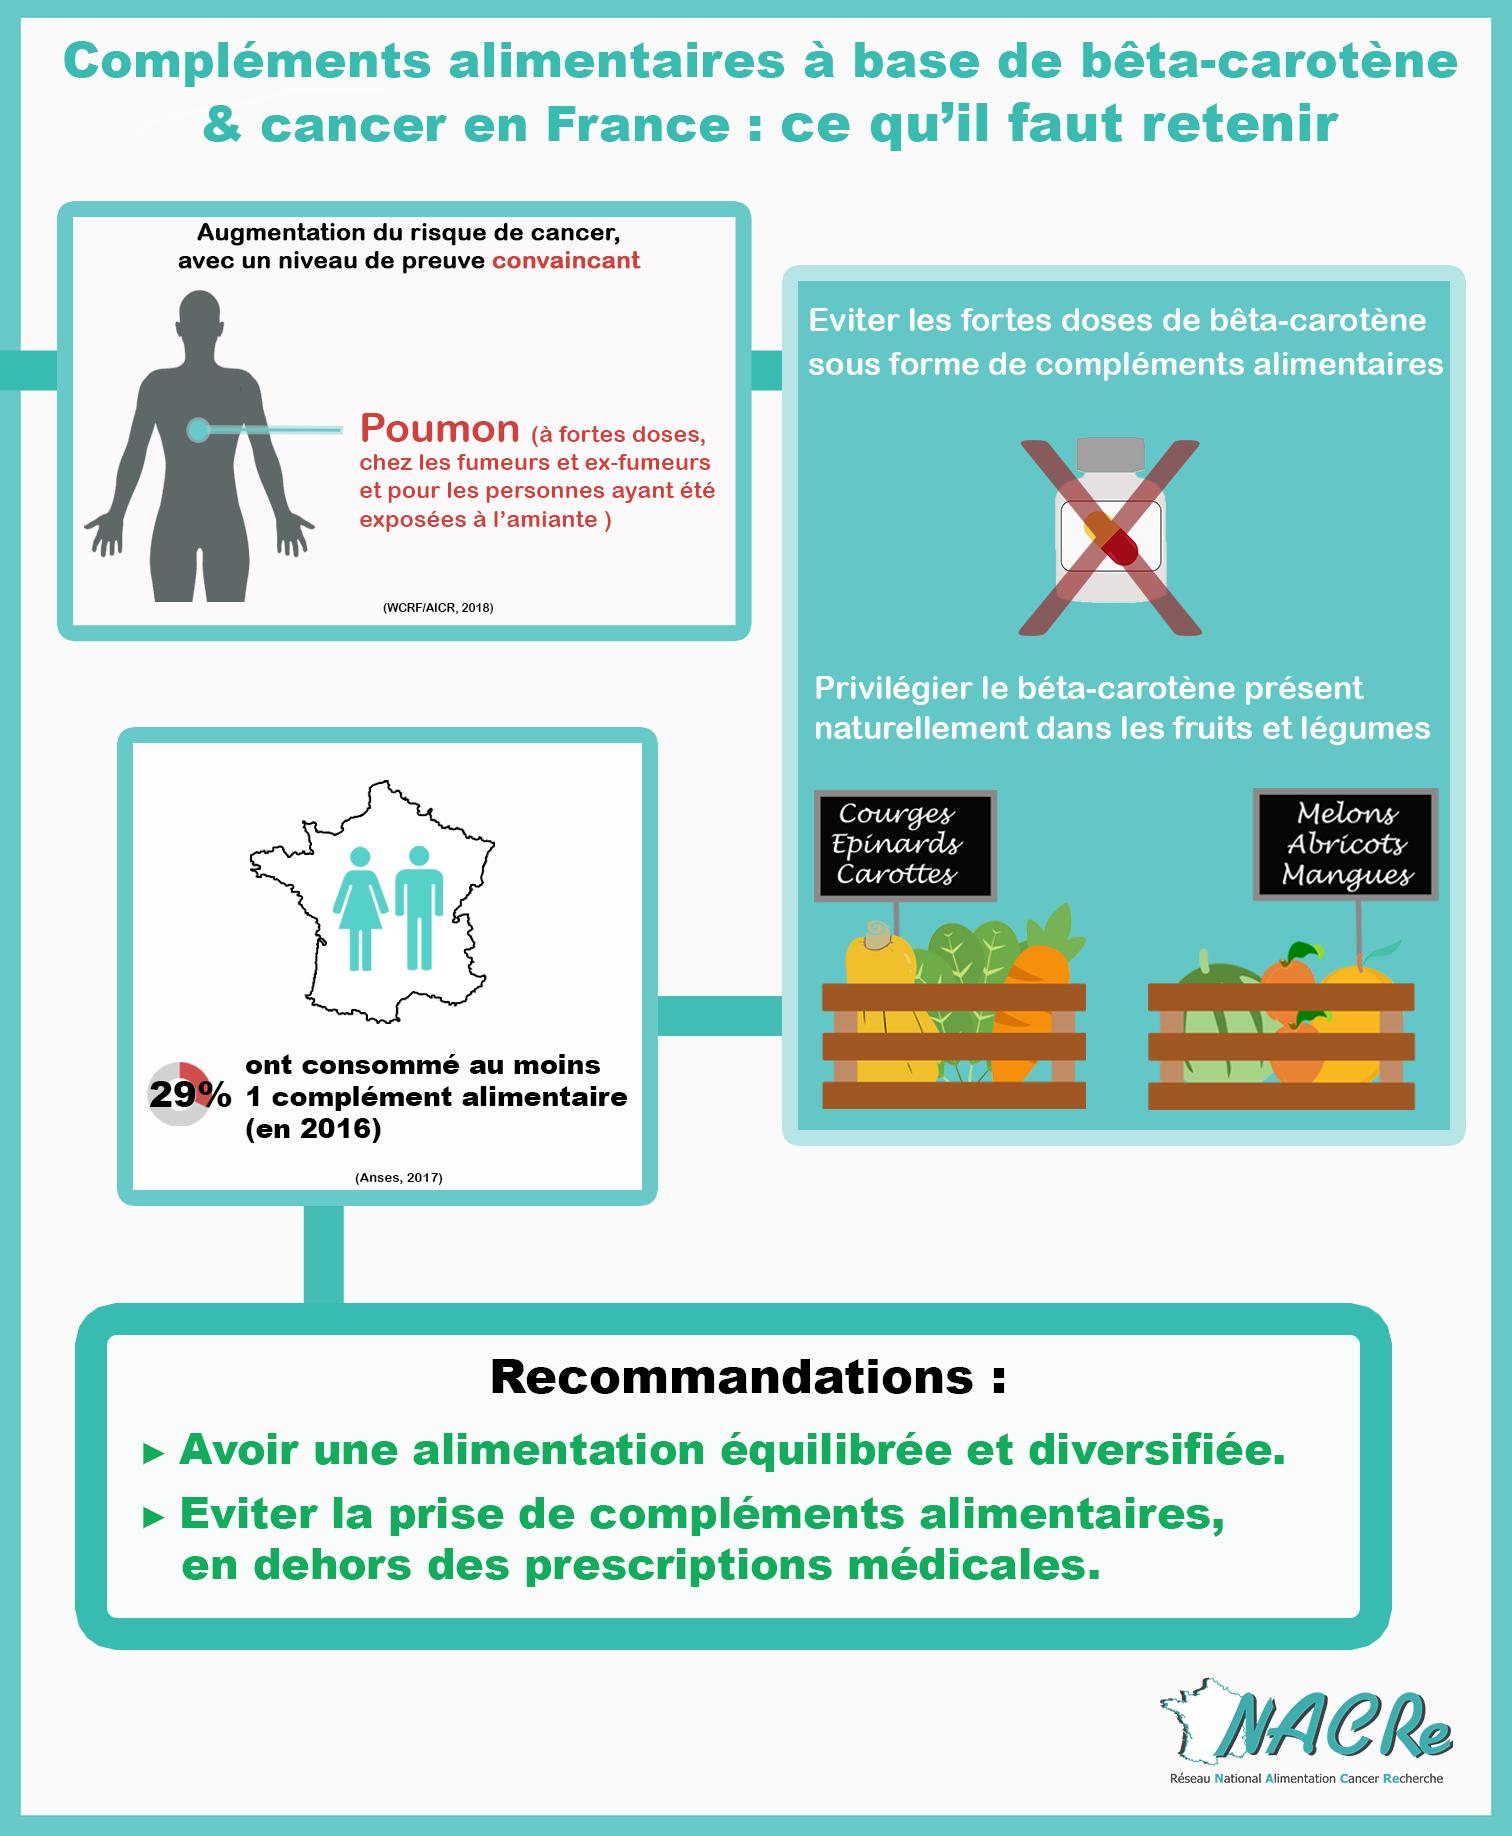 Infographie Compléments alimentaires bêta carotène et risque de cancer France 2020